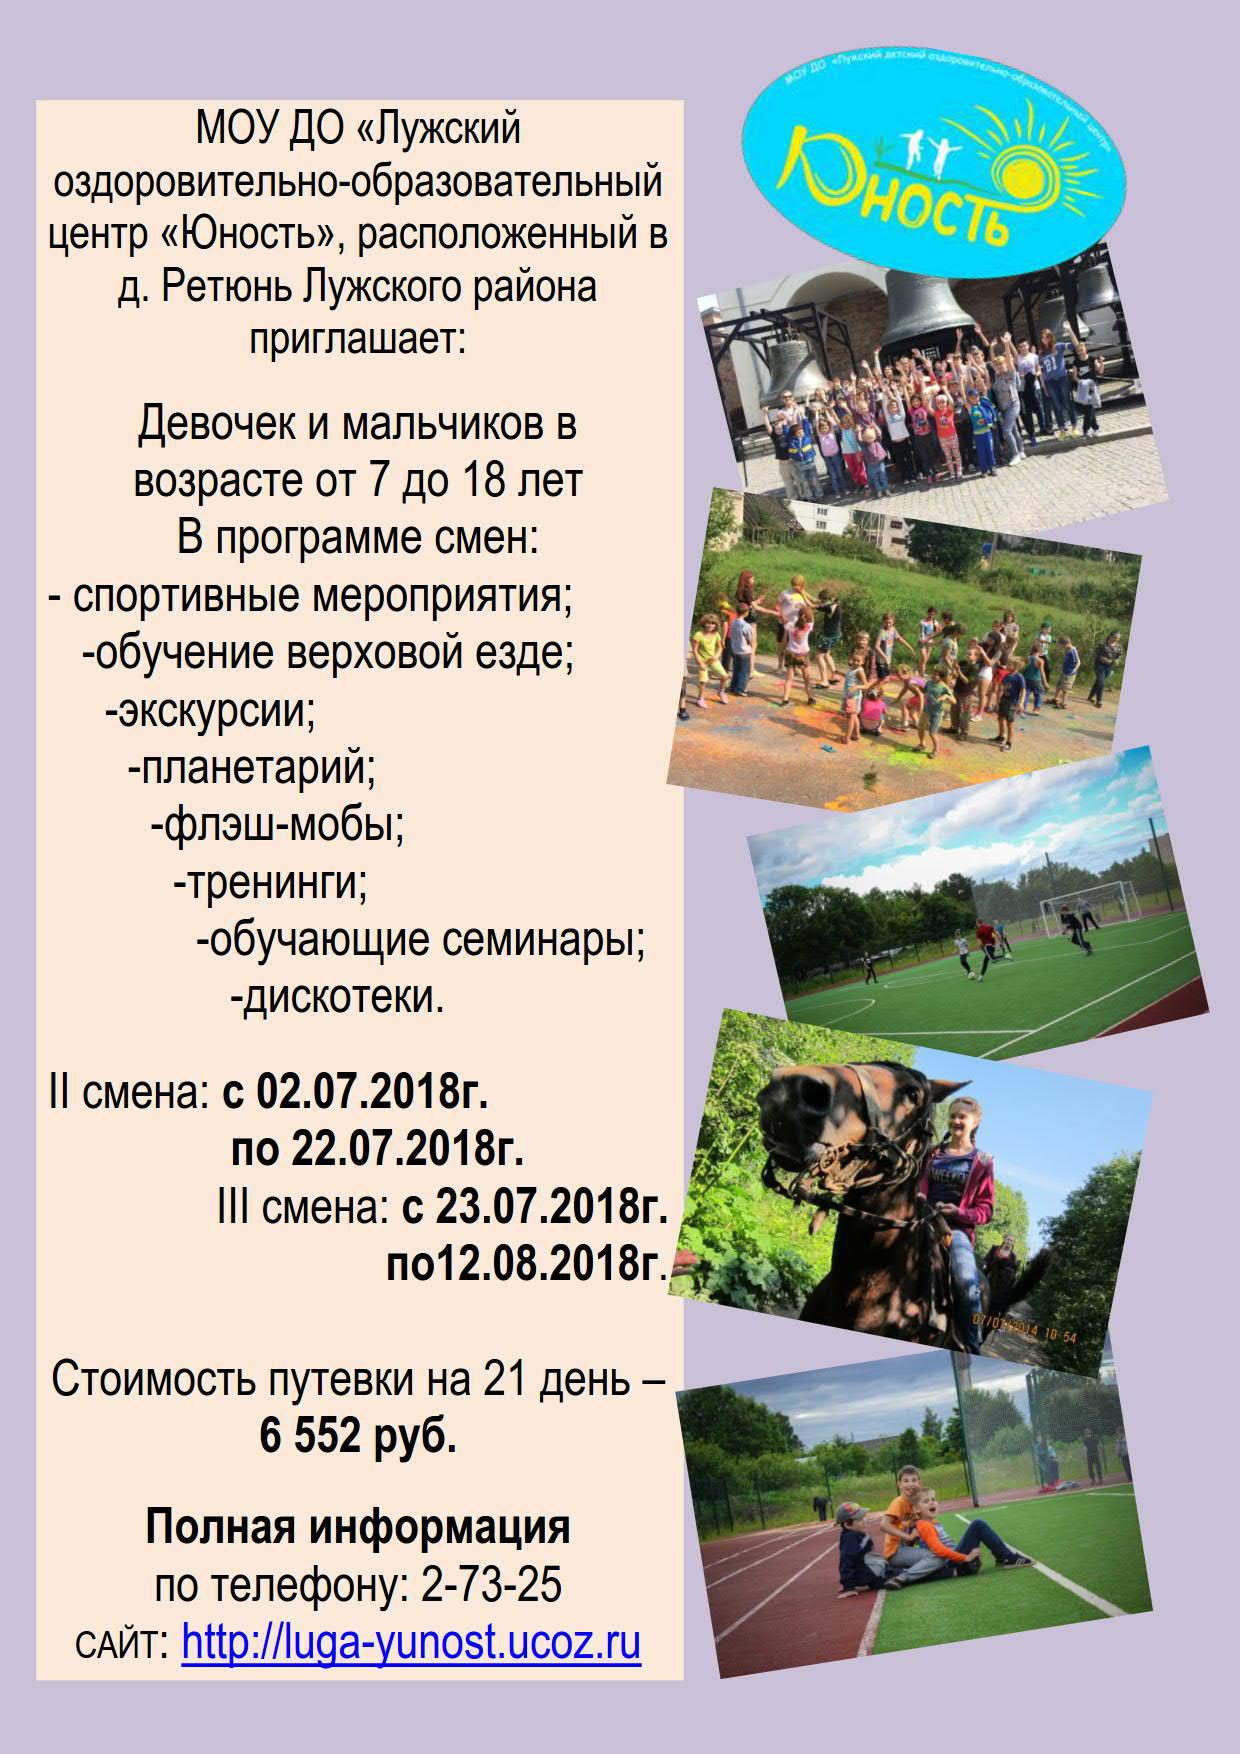 Информация о детском отдыхе в лагере Юность_1